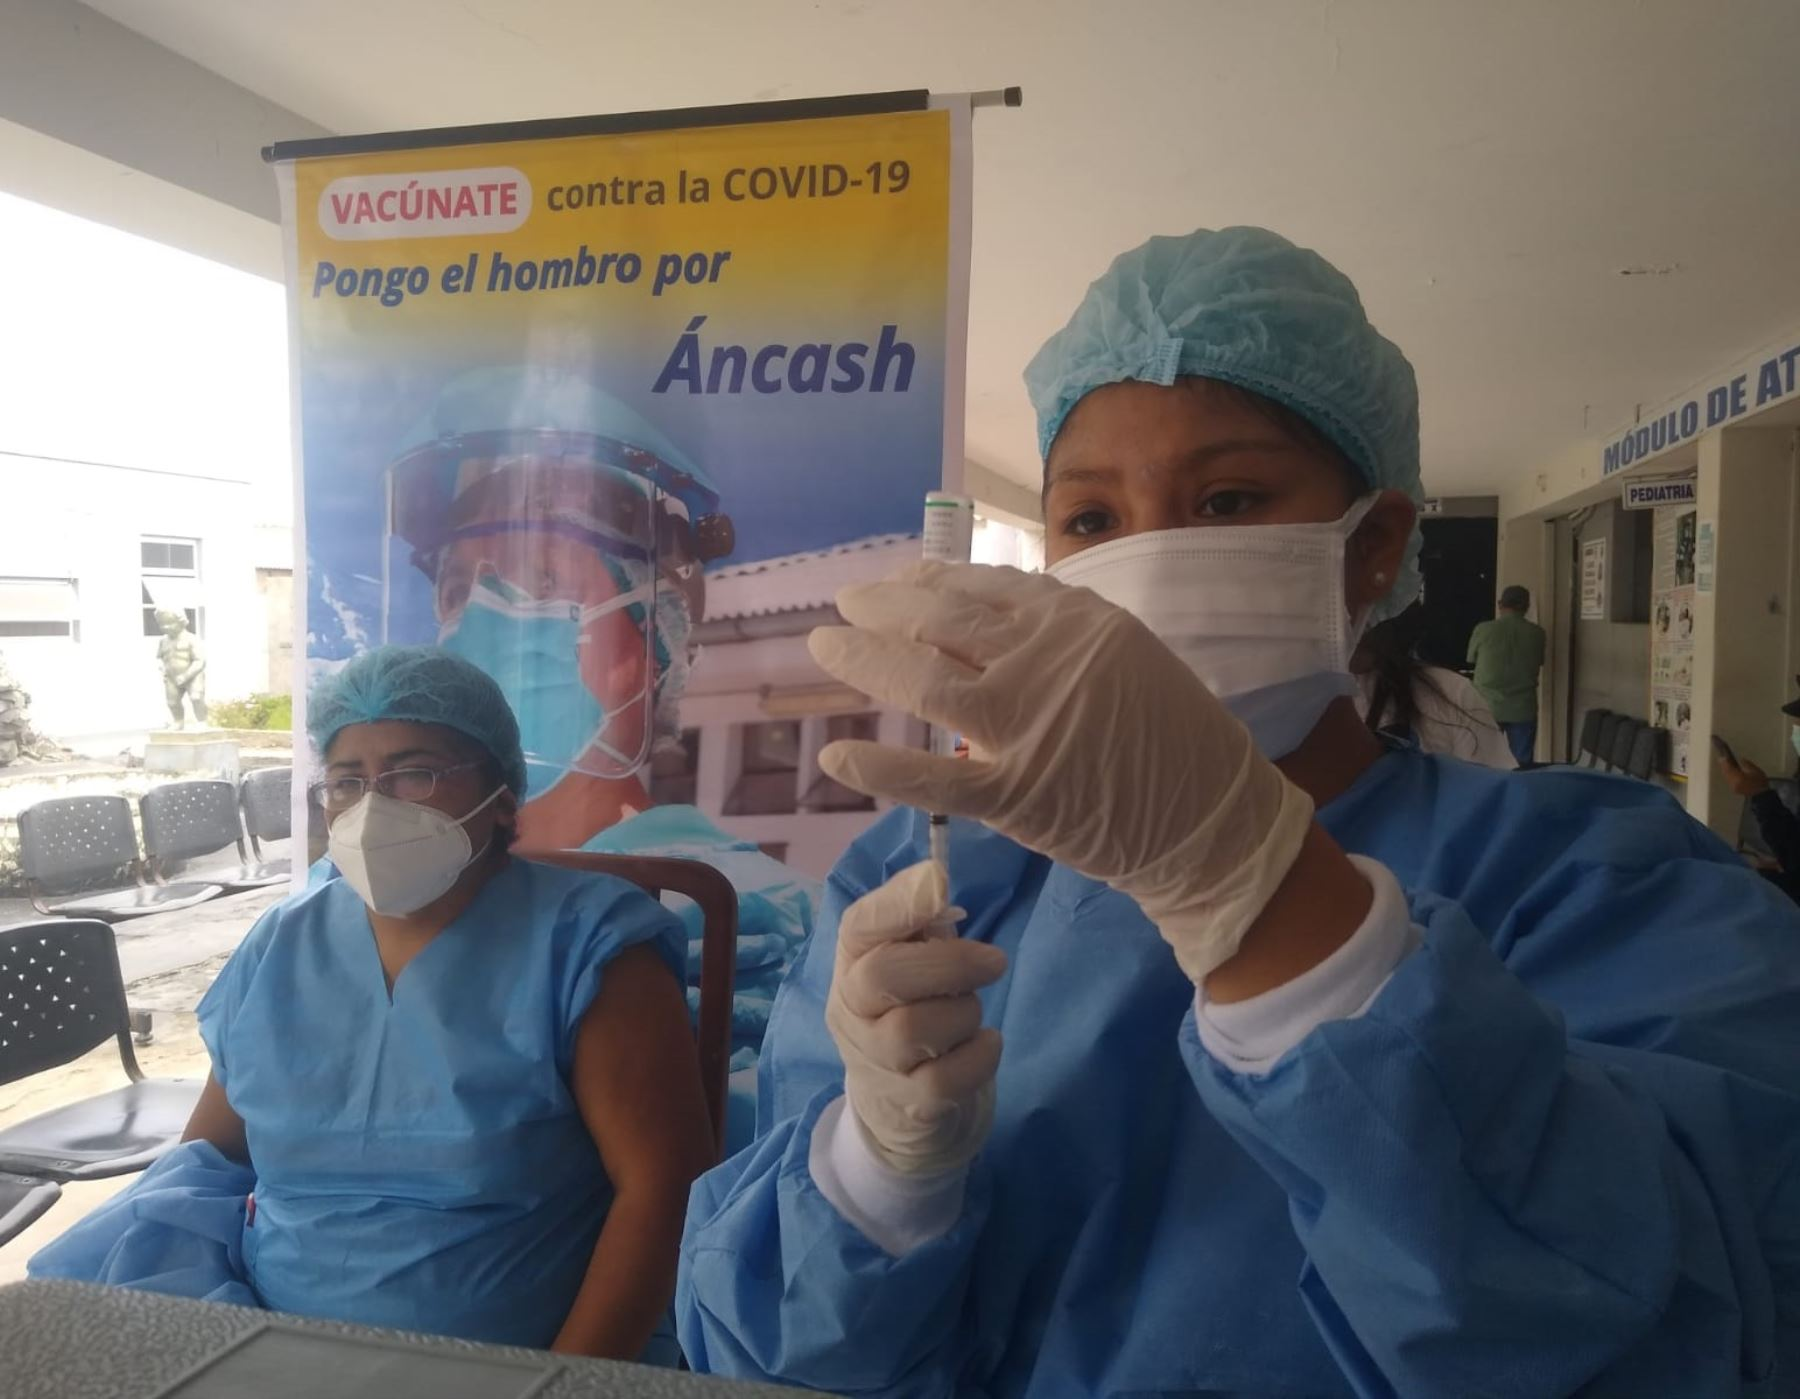 Más de 400,000 ciudadanos de Áncash han recibido la vacuna contra la covid-19, resaltan autoridades de Salud.